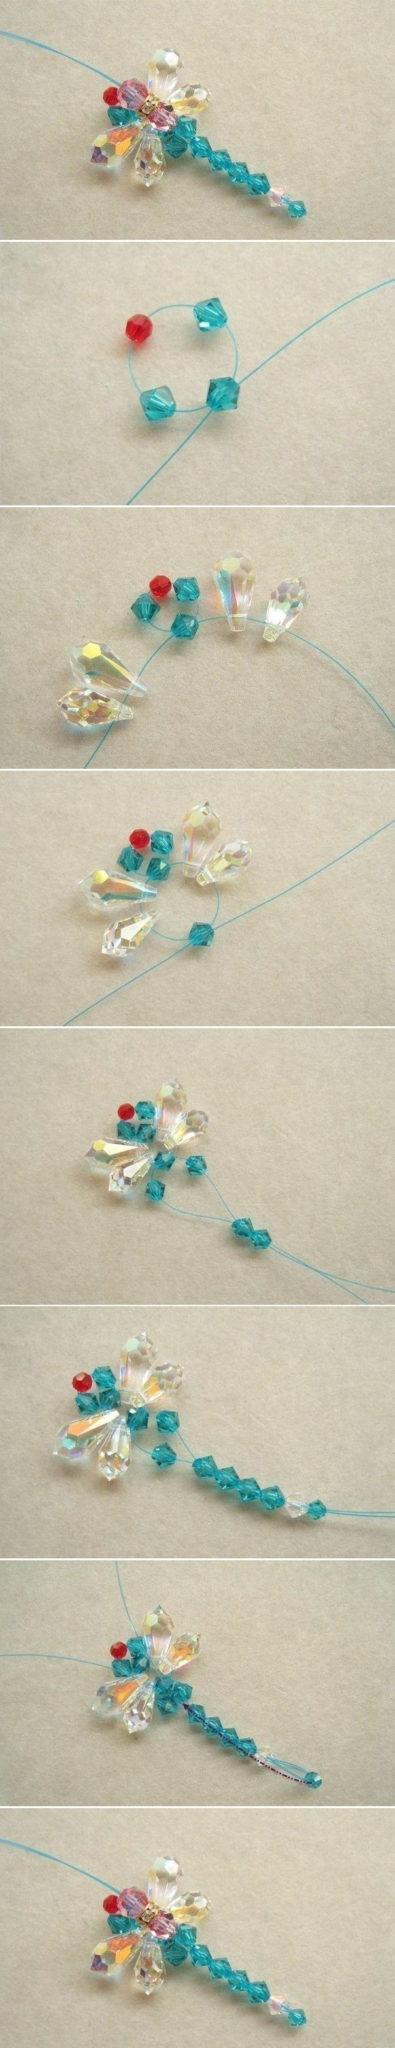 Стрекоза из бусин - схема плетения